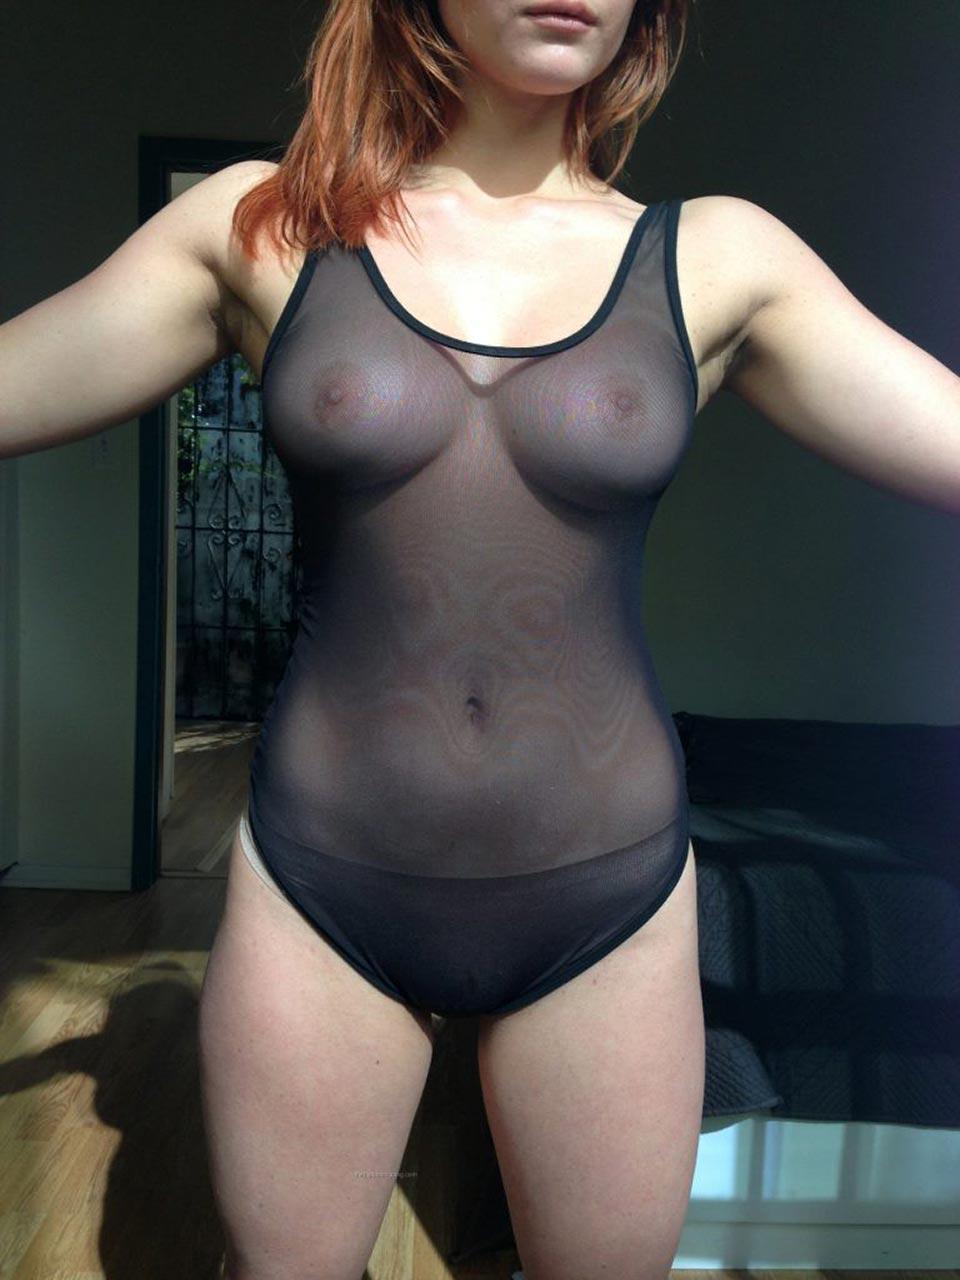 Pussy Kaili Thorne nude photos 2019